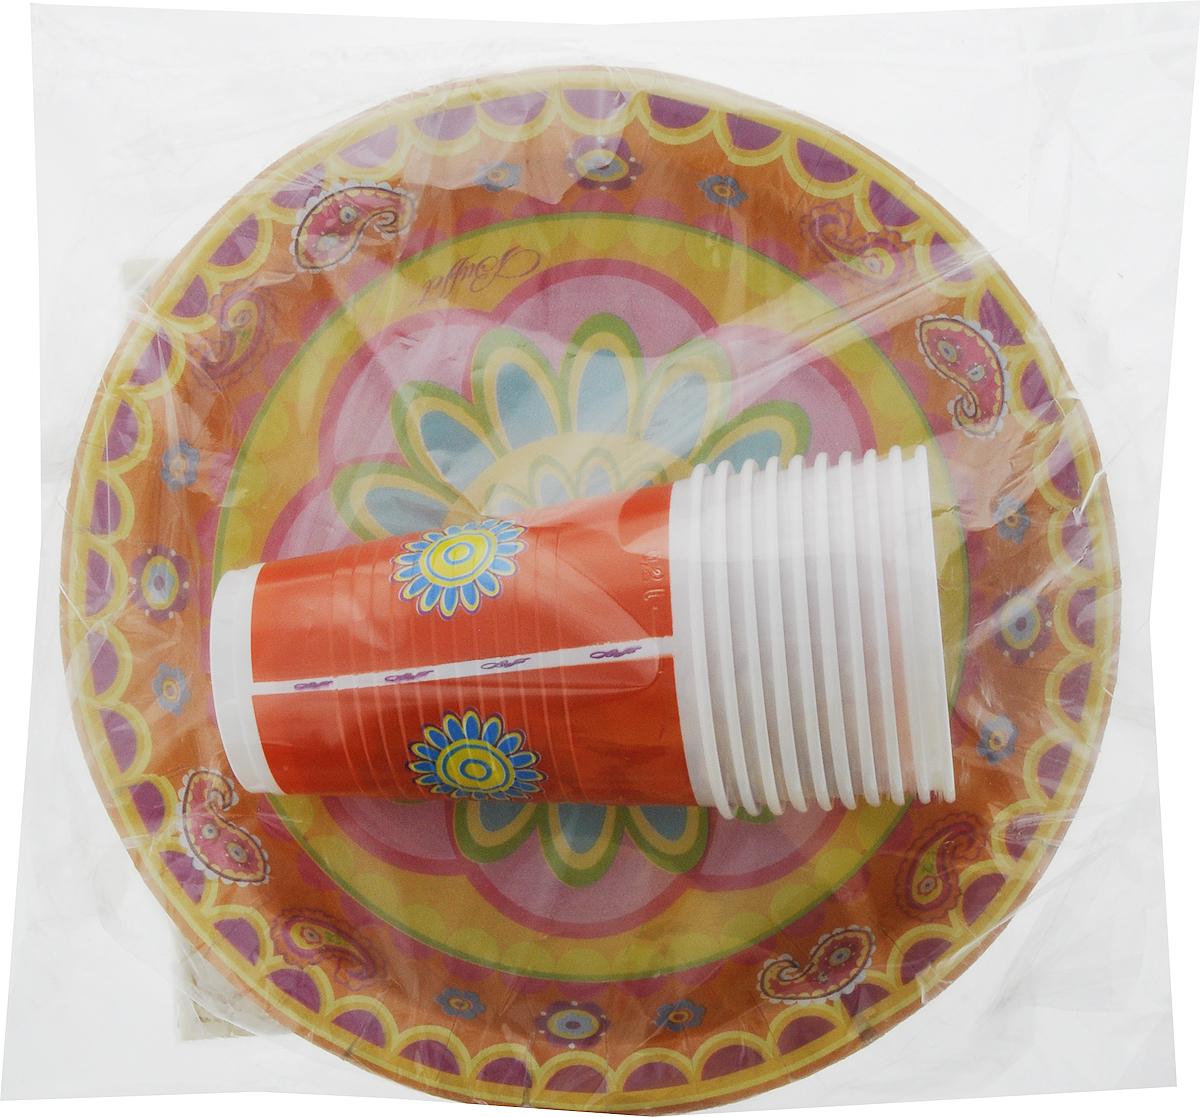 Набор одноразовой посуды Мистерия Стандарт, цвет: желтый, оранжевый, розовый, 40 предметов187405_желтыйНабор одноразовой посуды Мистерия Стандарт на 10 персон включает 10 тарелок, 10 стаканов и 20 салфеток. Посуда предназначена для холодных и горячих (до +70°С) пищевых продуктов и напитков. Стаканы выполнены из прочного полипропилена, а тарелки - из ламинированного картона. В комплекте также имеются трехслойные бумажные салфетки. Все предметы набора дополнены ярким красочным рисунком. Такой набор посуды отлично подойдет для отдыха на природе, пикников, а также детских праздников. В нем есть все необходимое. Он легкий и не занимает много места, а самое главное - после использования его не надо мыть. Объем стакана: 200 мл. Диаметр стакана (по верхнему краю): 7 см. Высота стакана: 10 см. Диаметр тарелки: 23 см. Размер салфетки: 33 х 33 см.